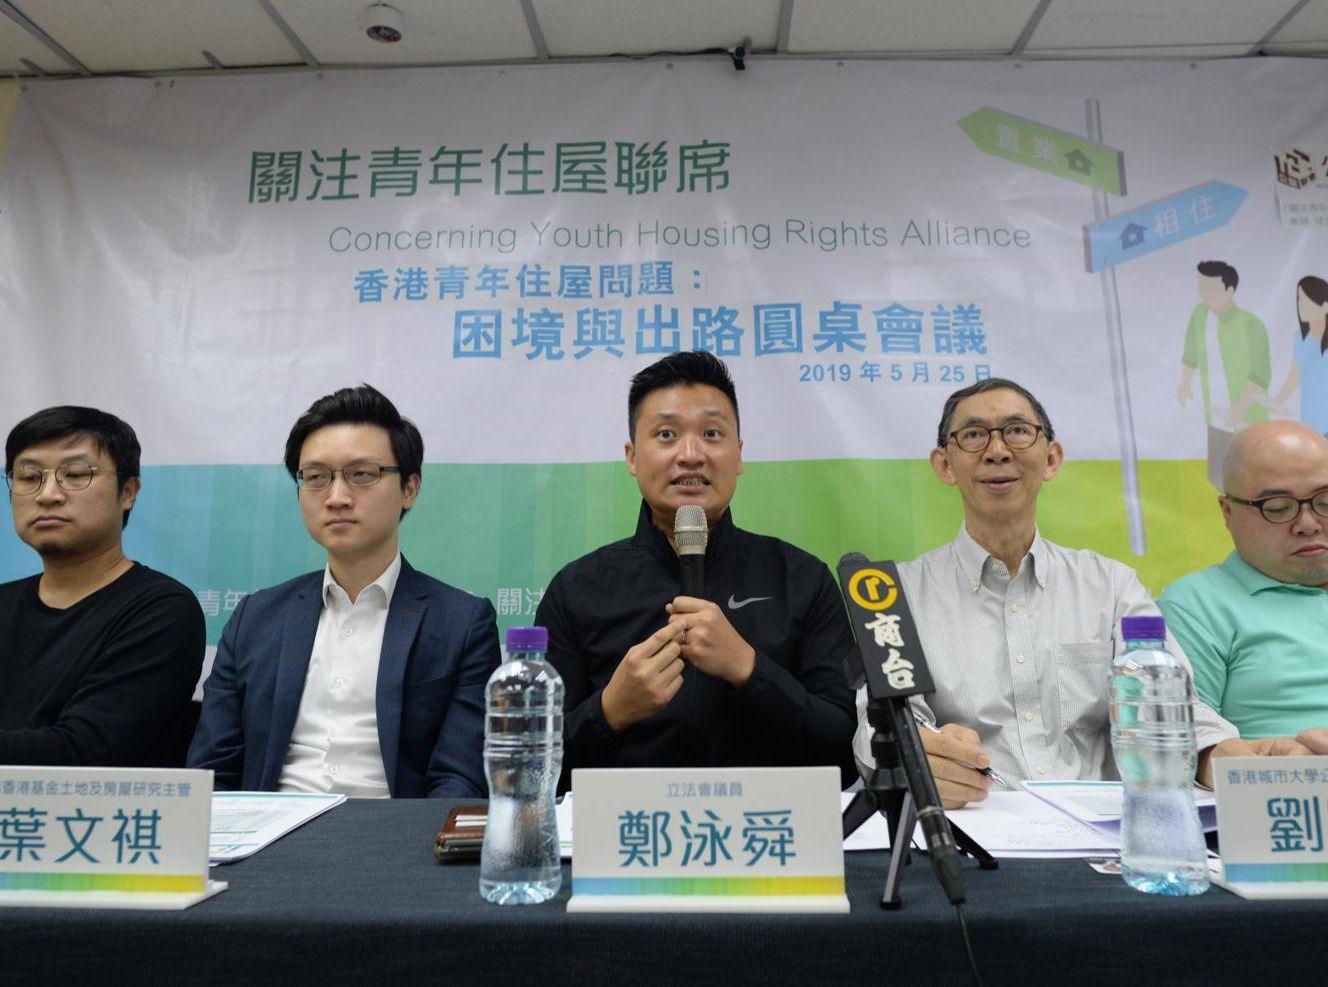 公屋聯會聯同「關注青年住屋聯席」舉辦圓桌會議。